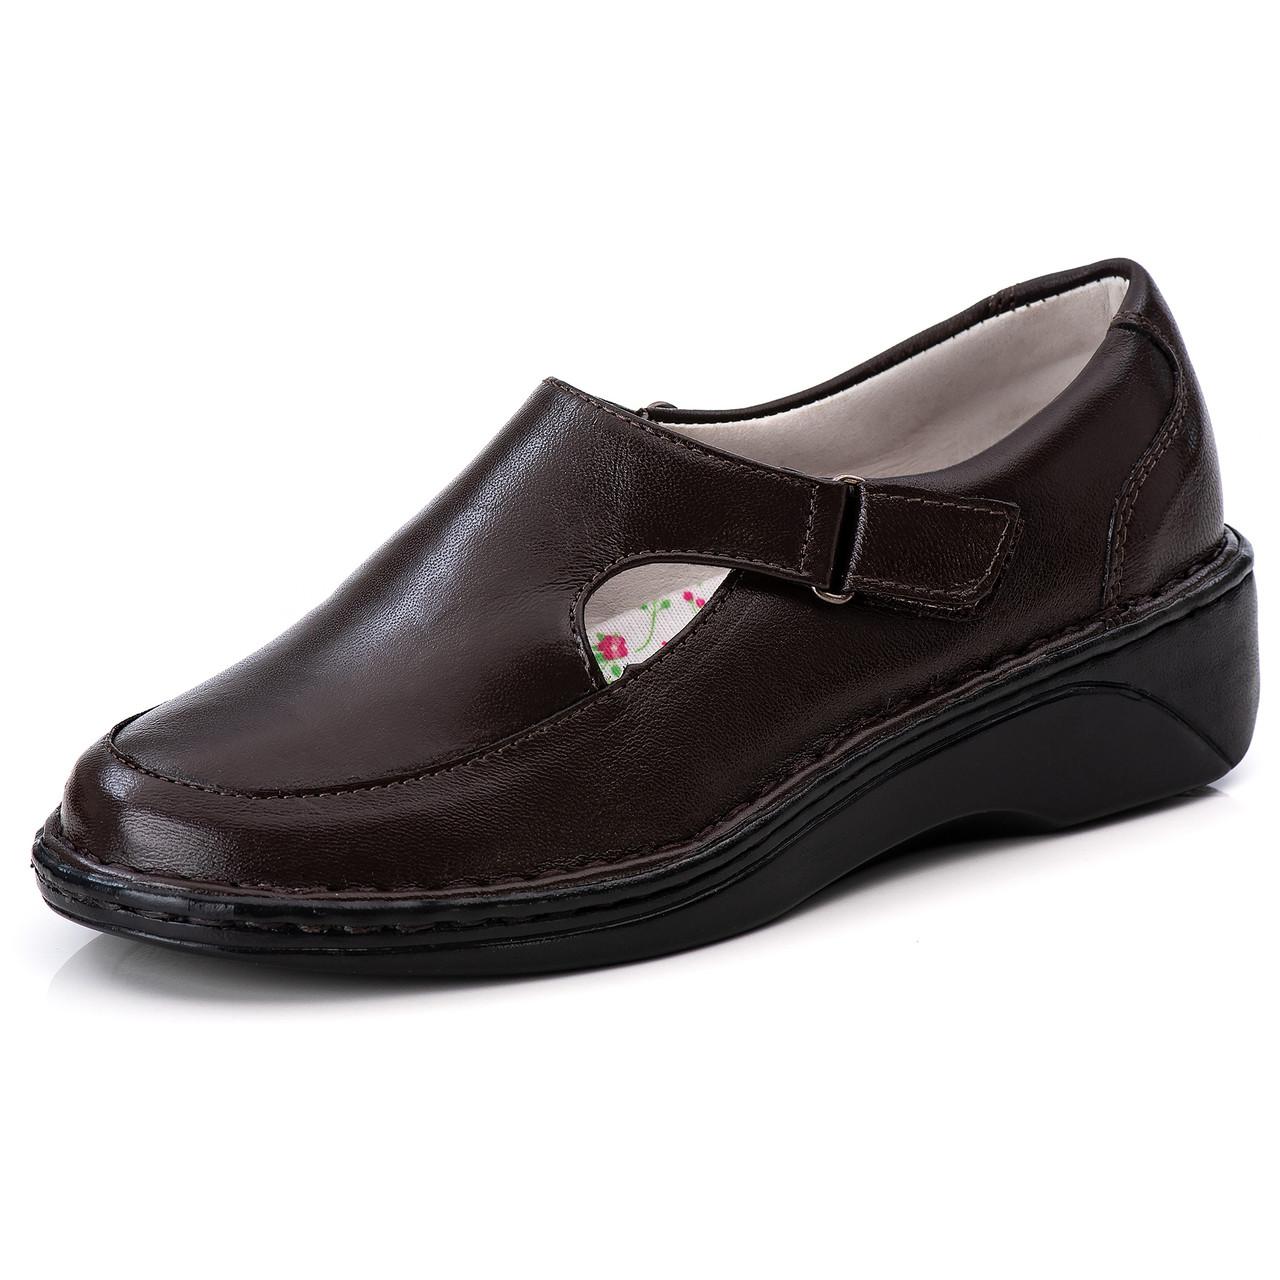 Sapato Antstress Feminino Café  em Couro Legitimo F-210